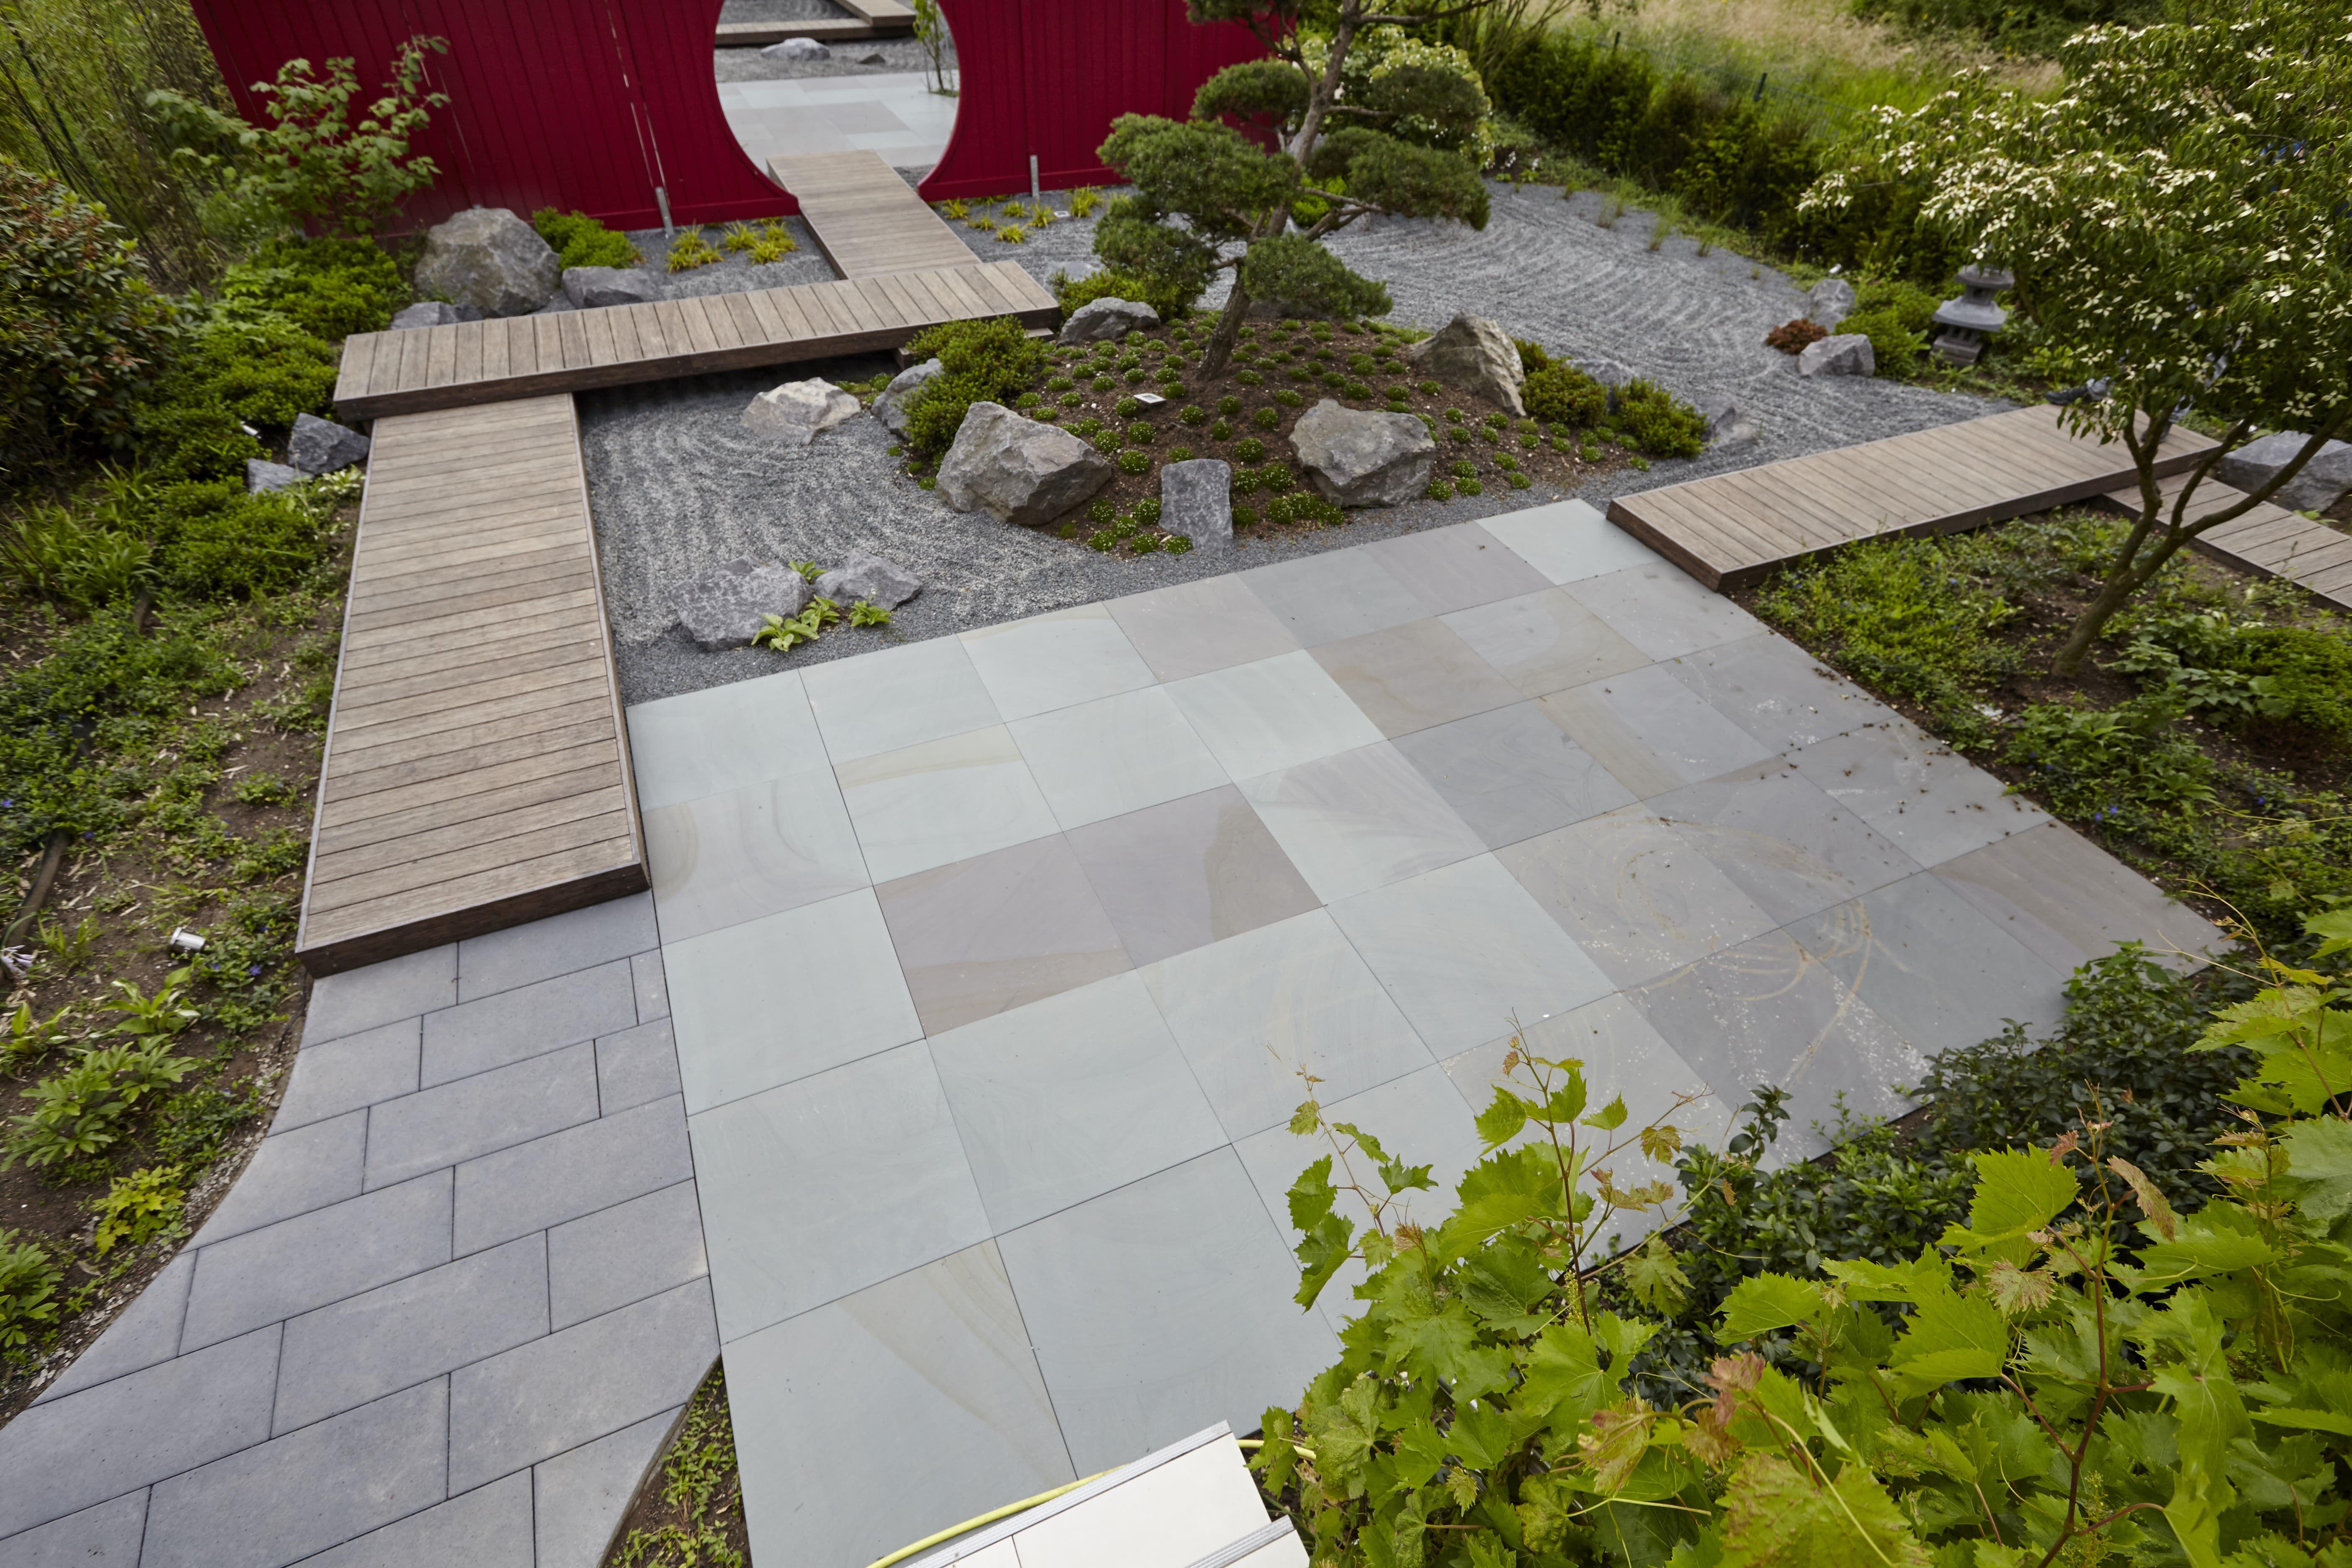 Kraft Tanken In Japanischen Garten Von Rheingrun Wunderschone Gartengestaltung Garten Moderner Garten Japanischer Garten